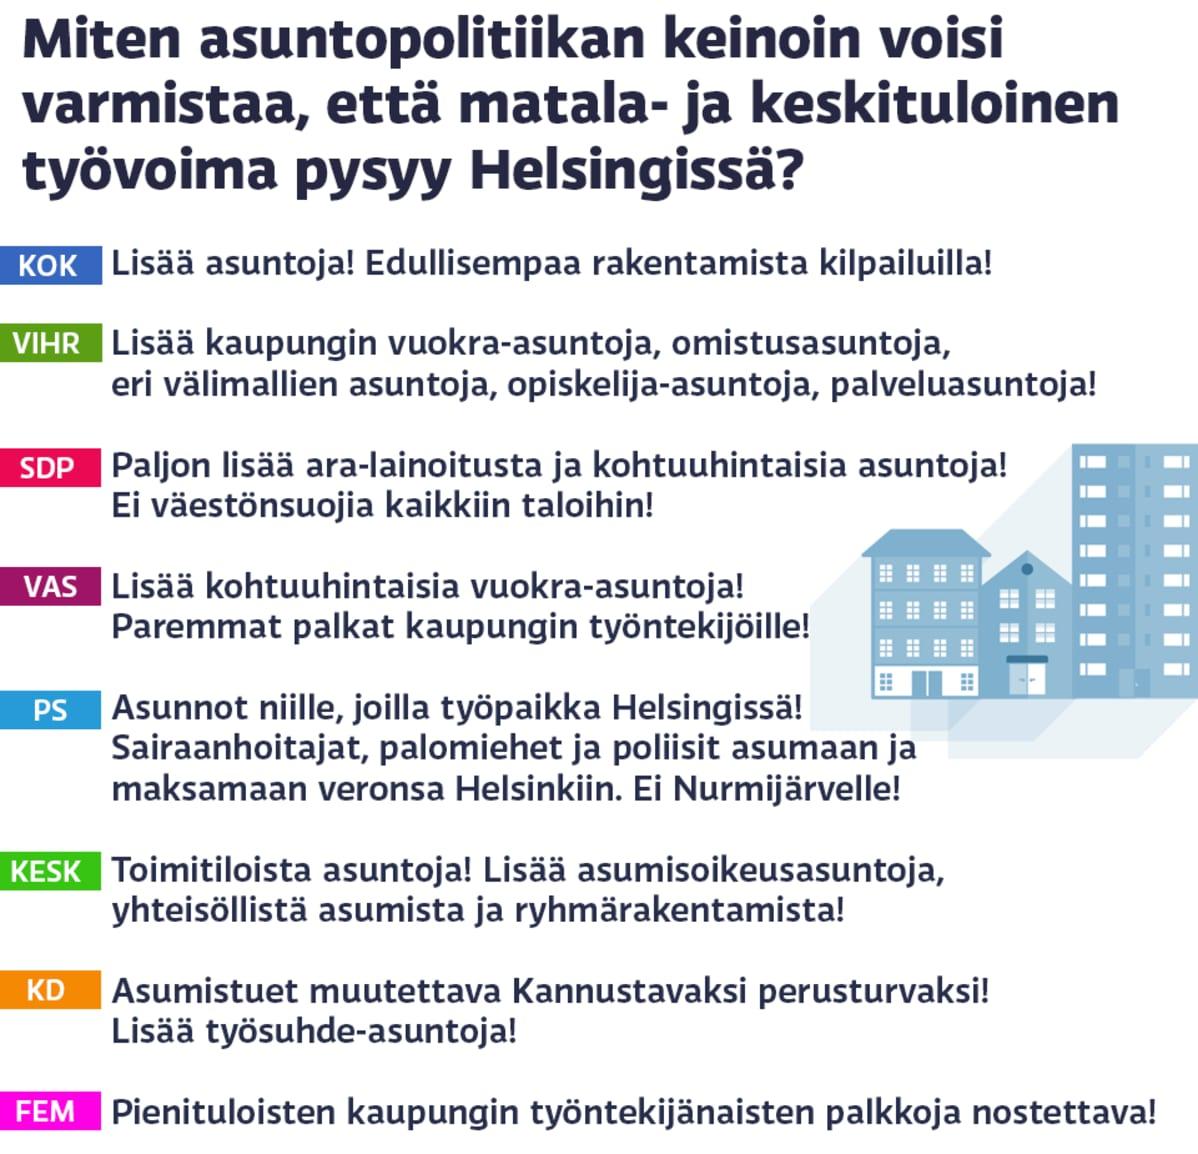 Kysymys asuntopolitiikan vaikutuksesta matala- ja keskituloisten asumisvalintoihin